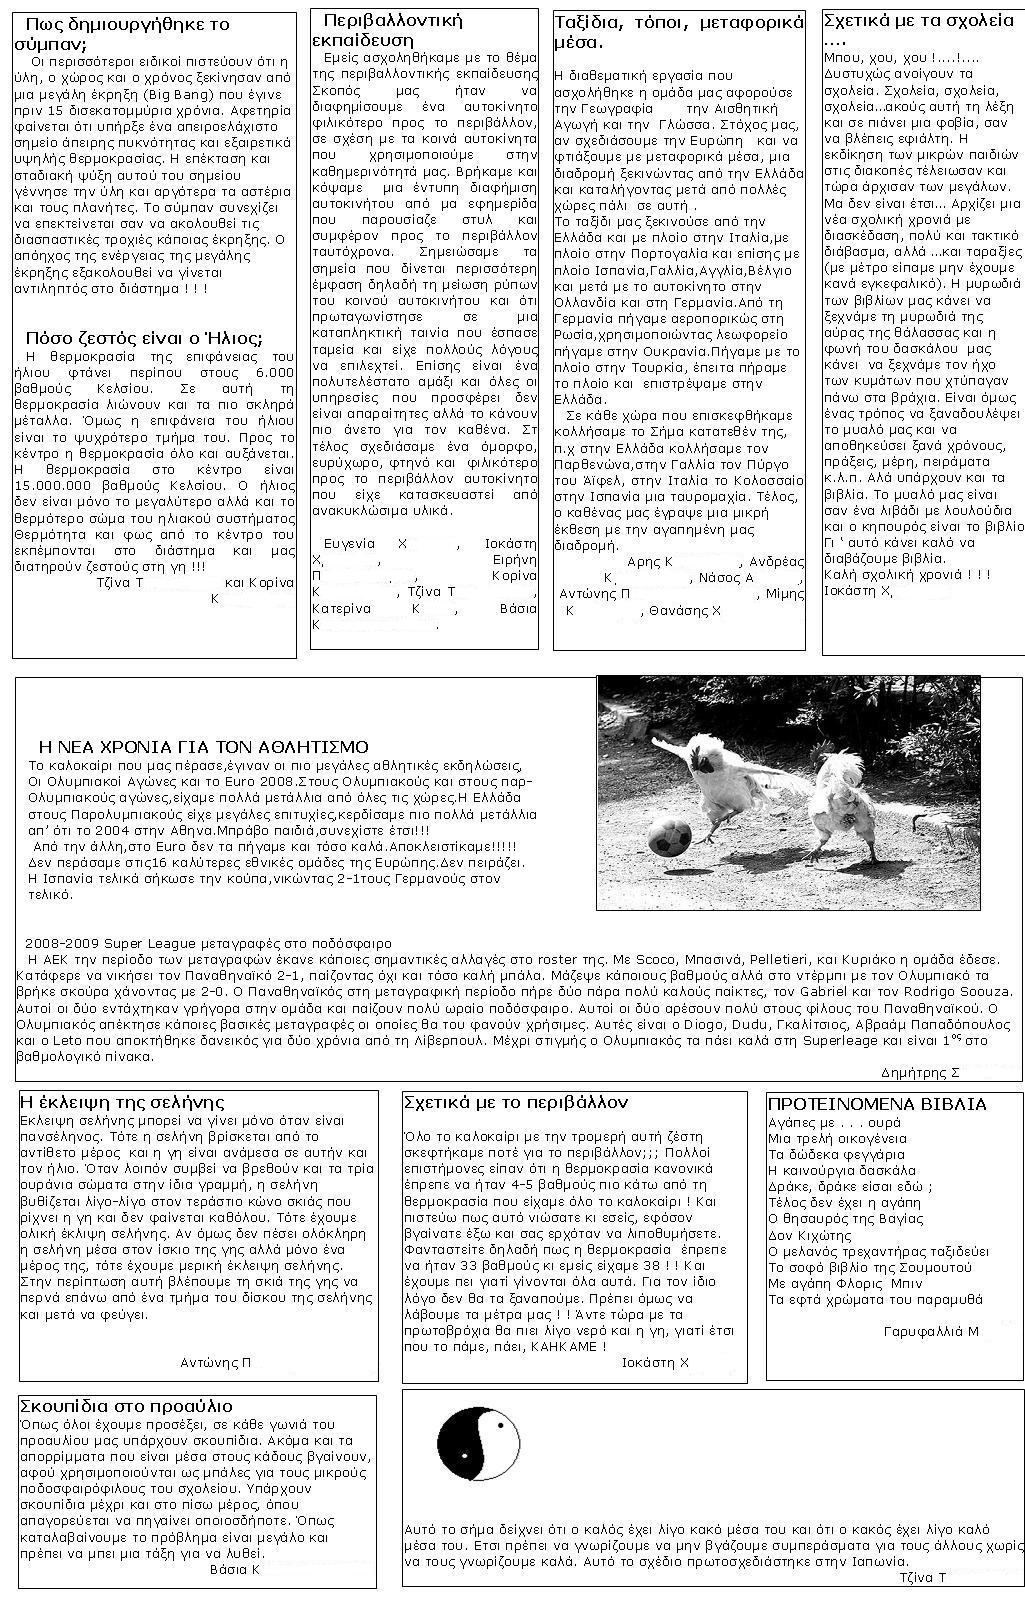 Σελίδα 2